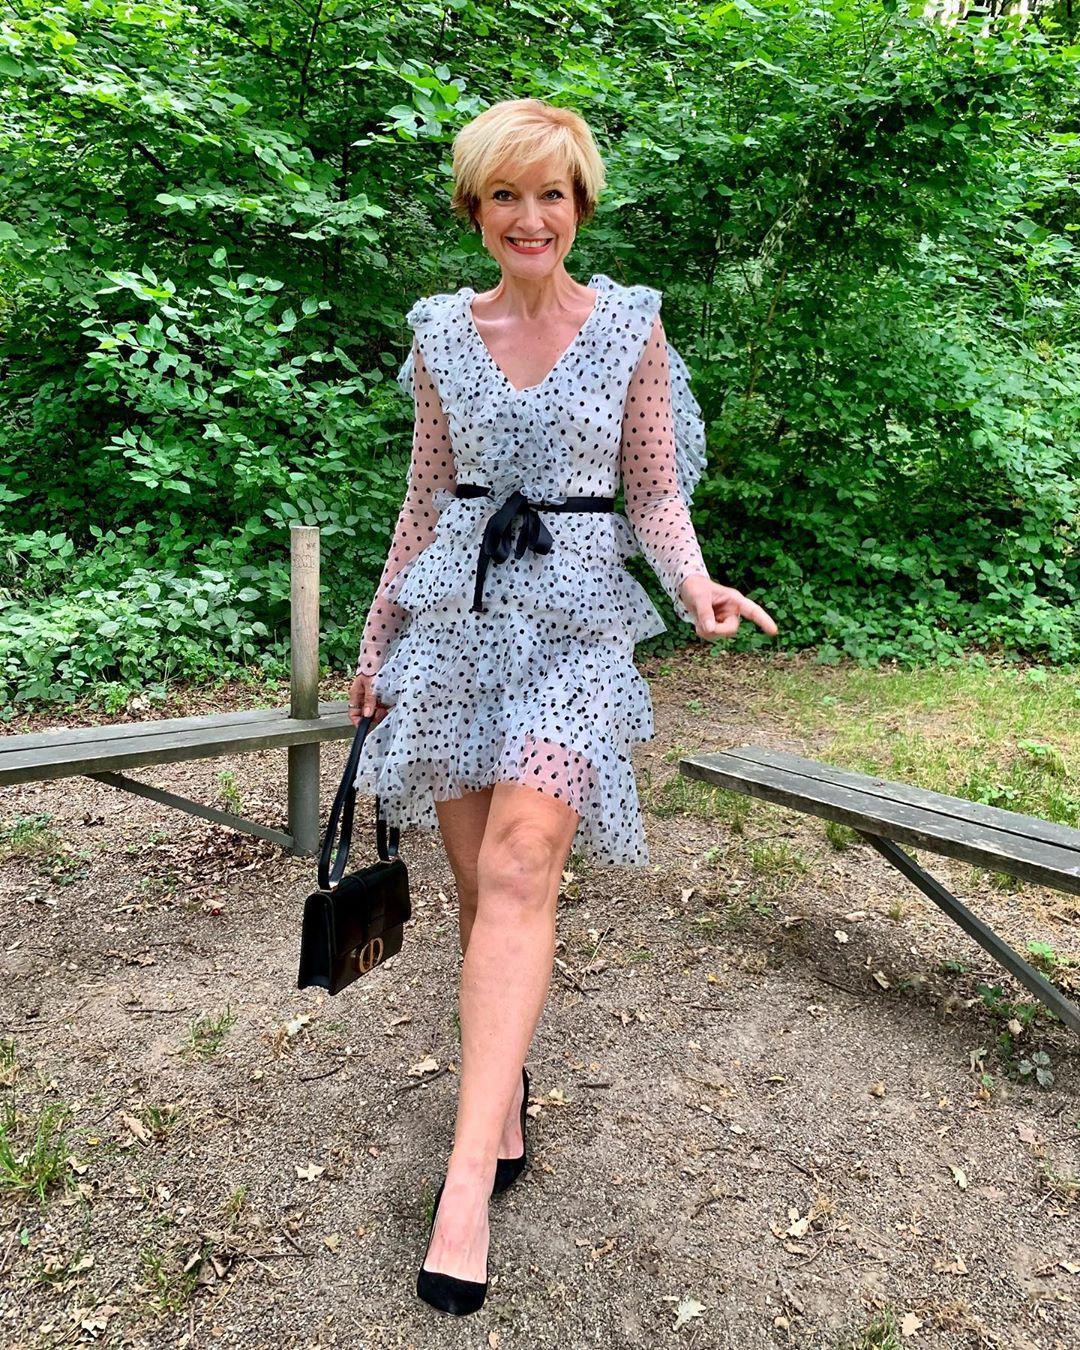 с чем носить туфли летом женщинам после 40-50 лет фото 8